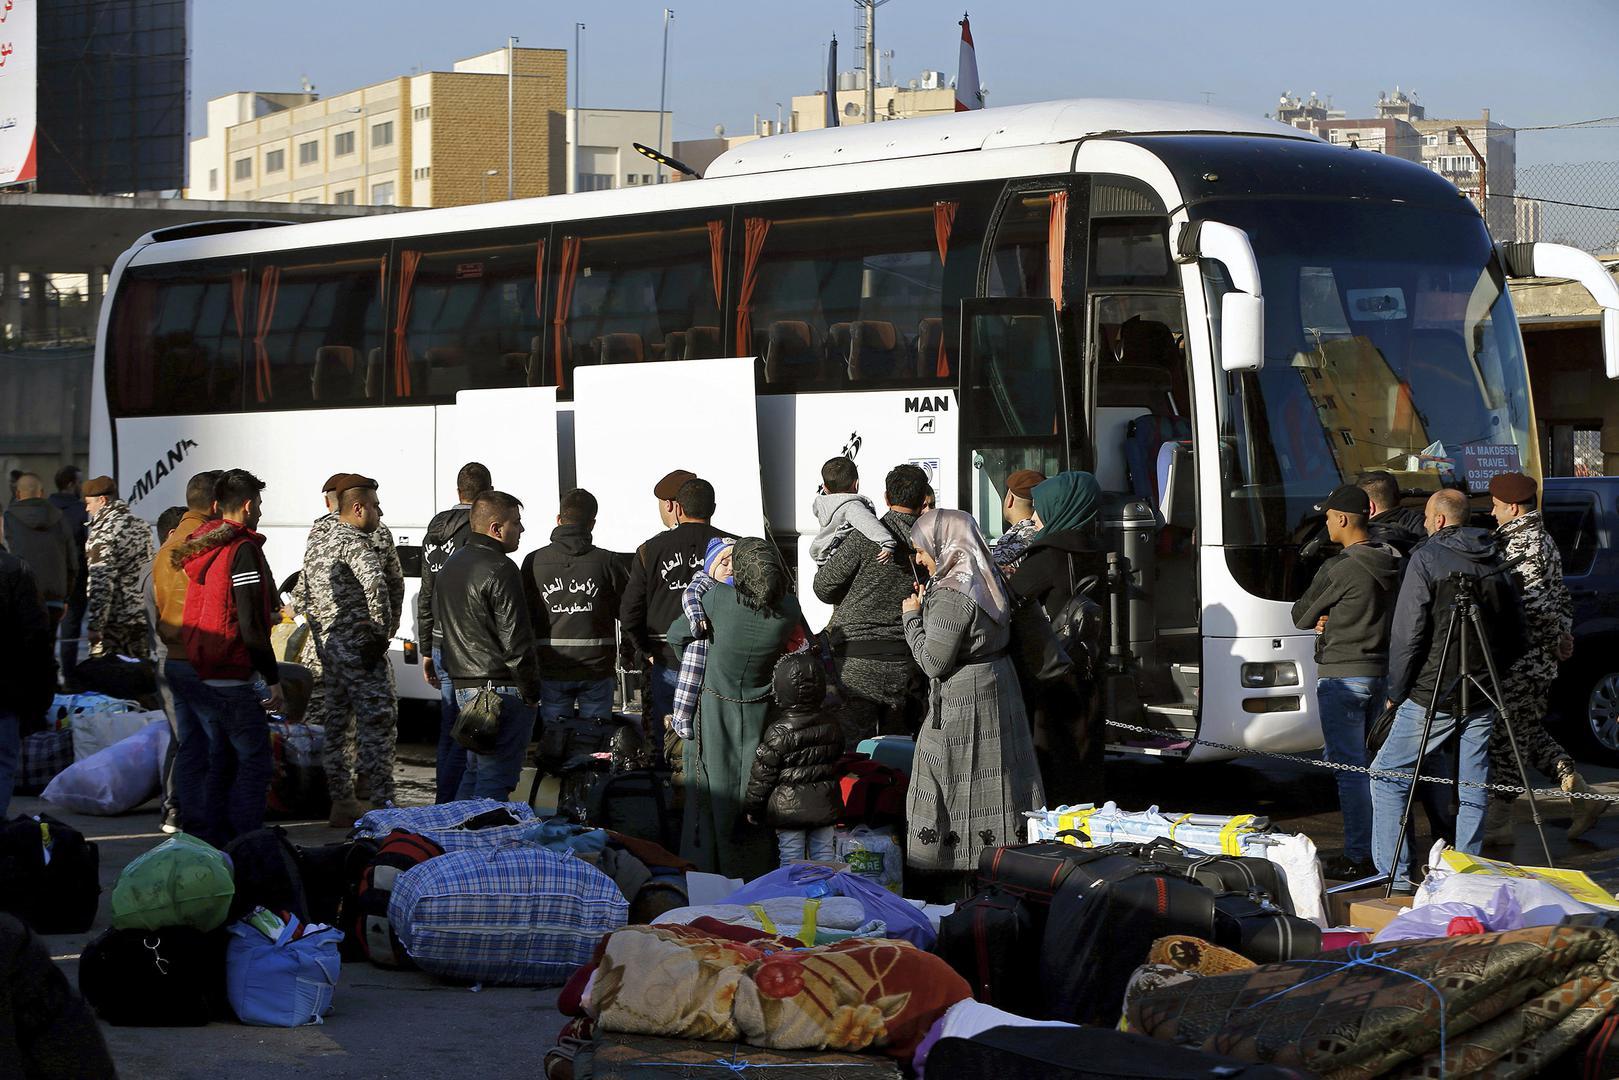 بلا تفاصيل… عرنوس يعفي من تصريف 100 دولار عند الحدود السورية اللبنانية!